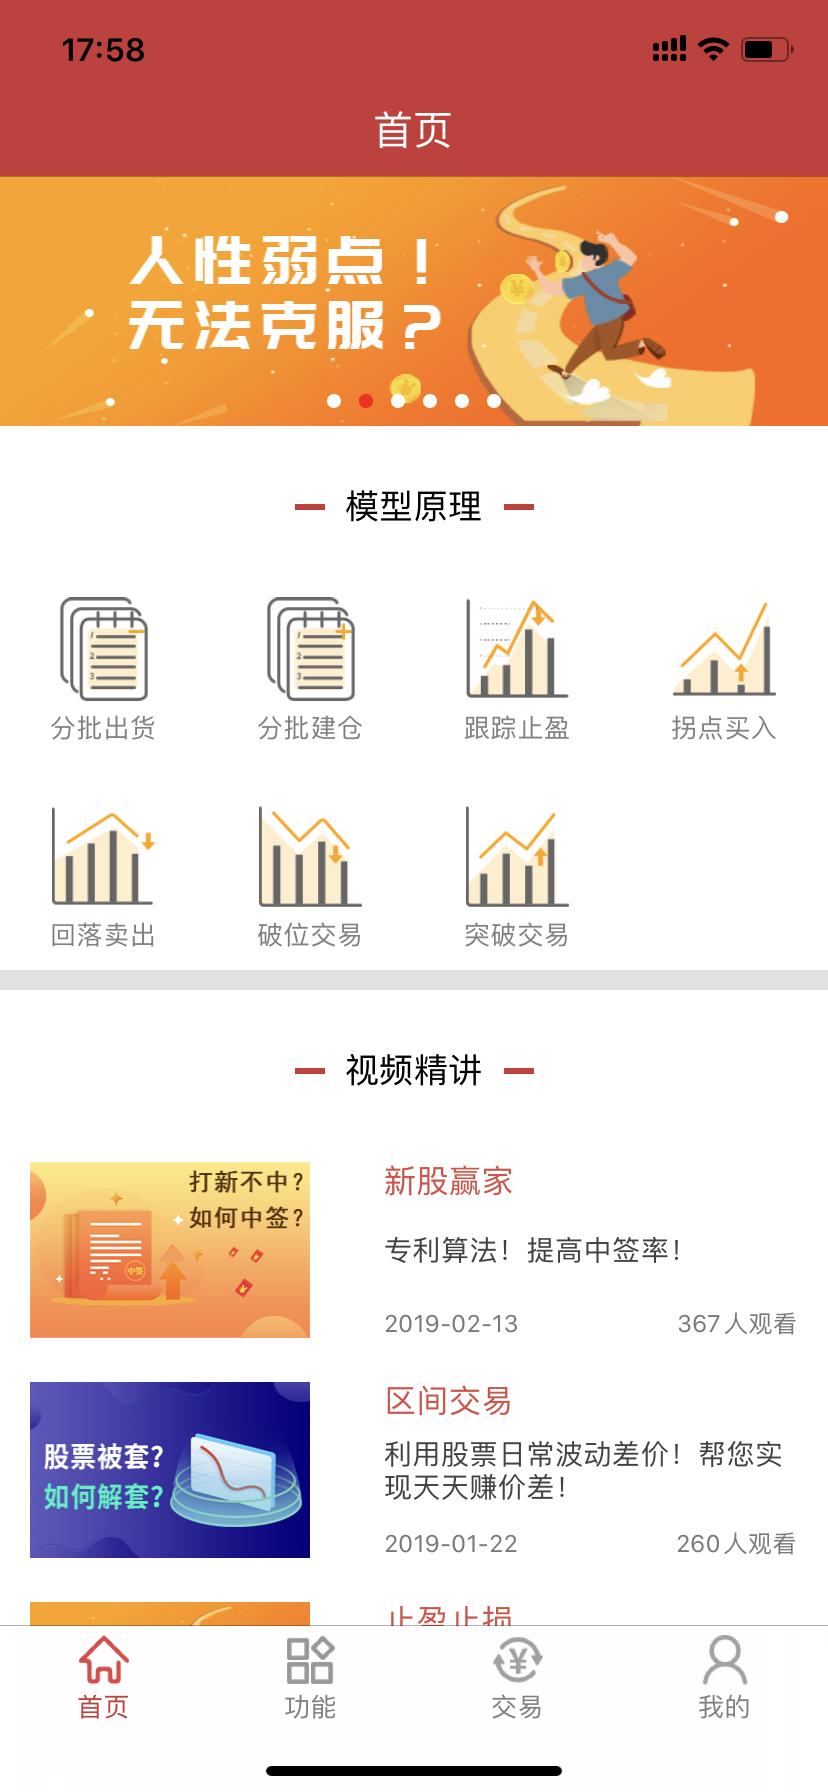 6月23号机智软件|股票自动交易软件app下载